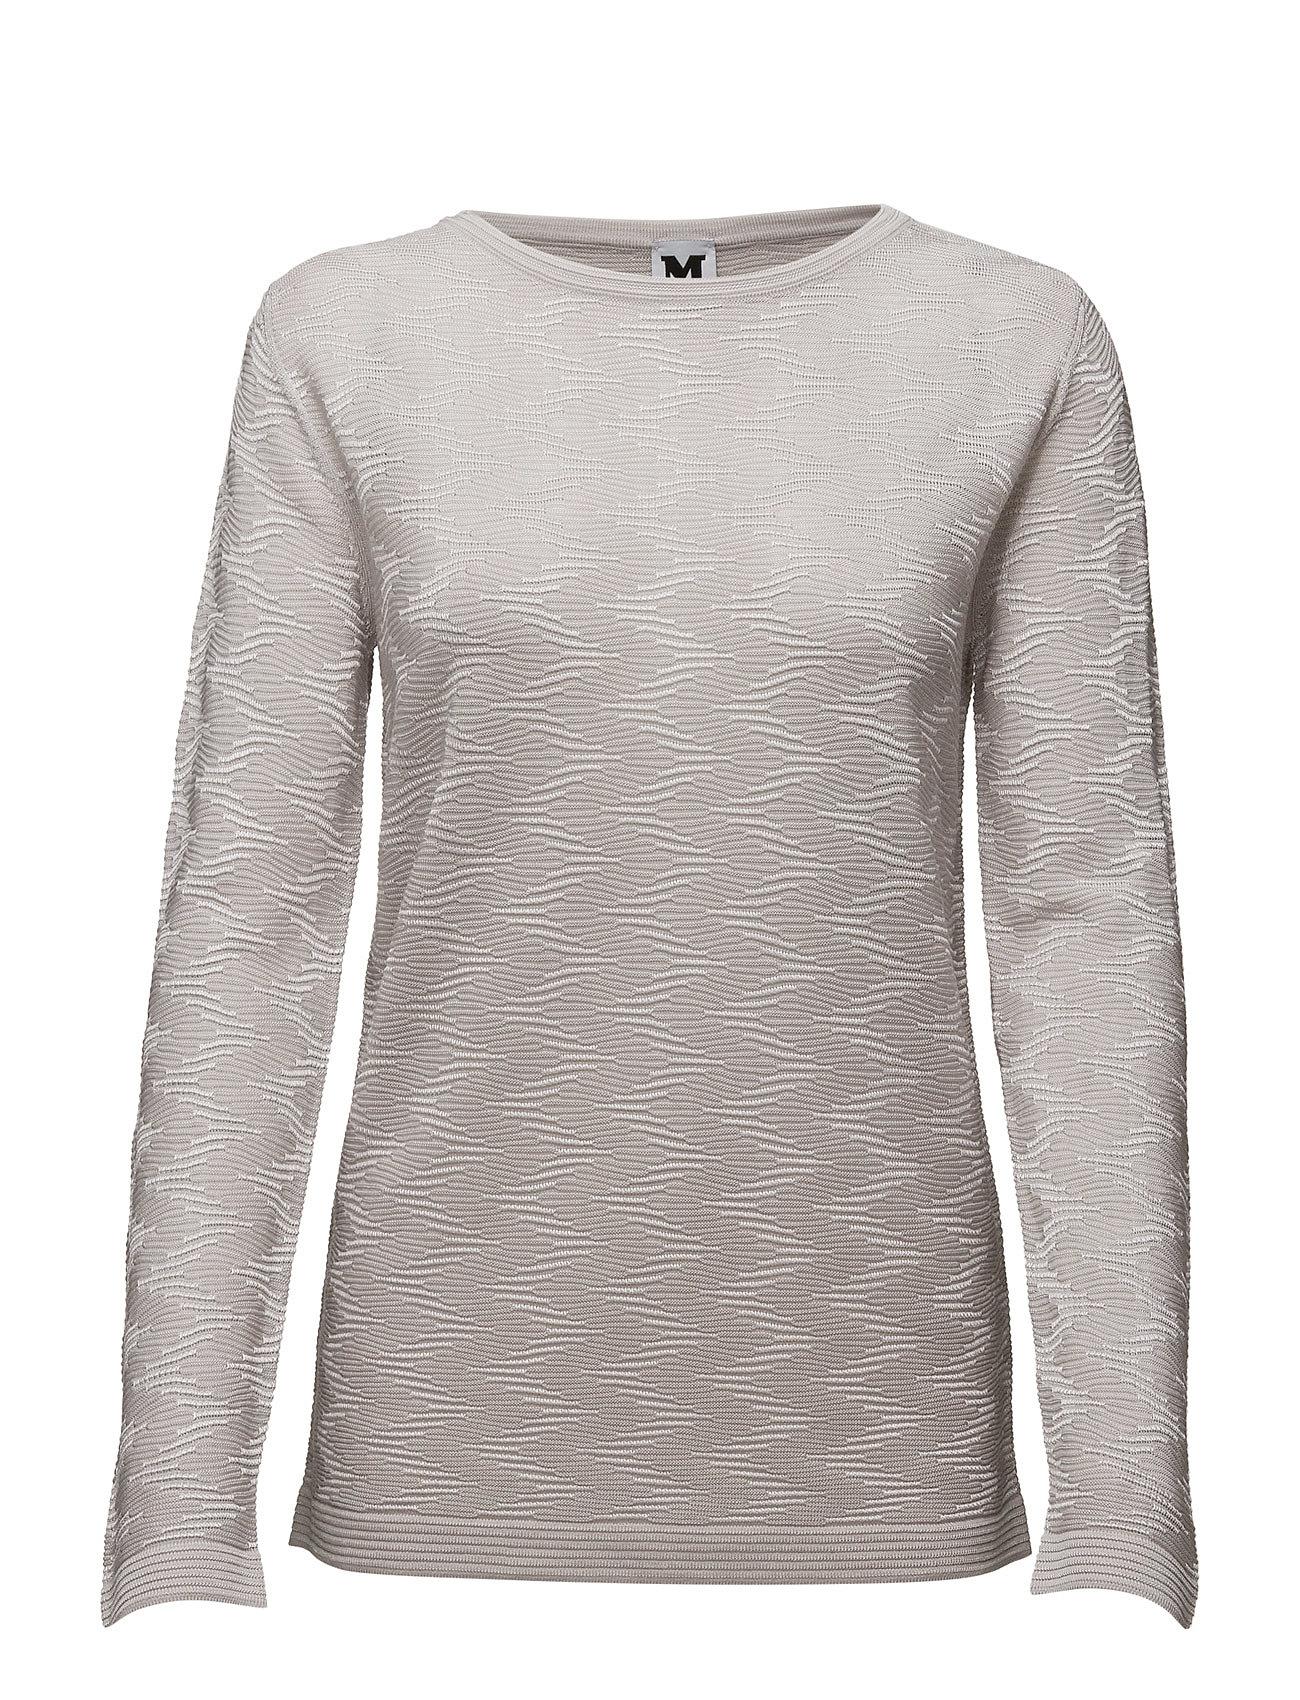 m missoni – Sweater fra boozt.com dk